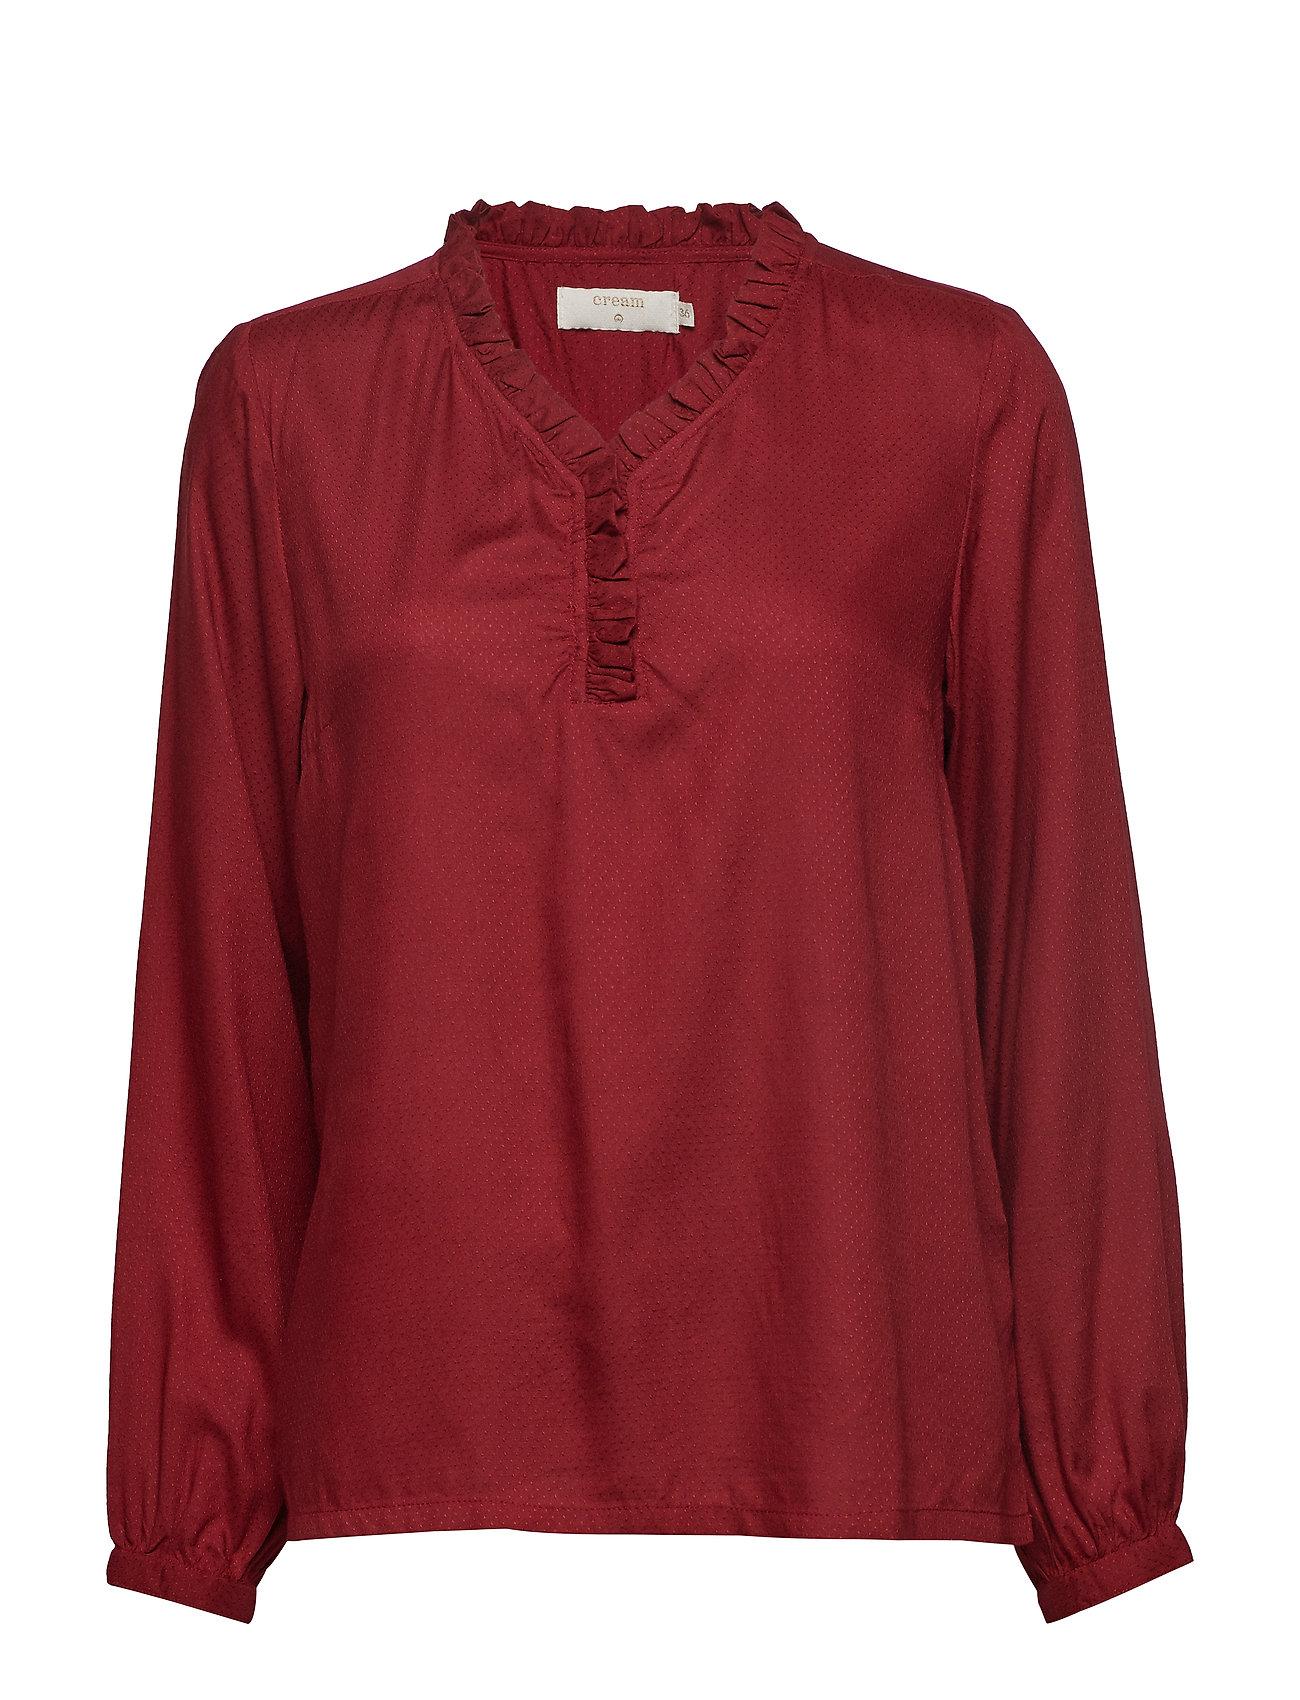 Cream Gigi Shirt - MERLOT RED